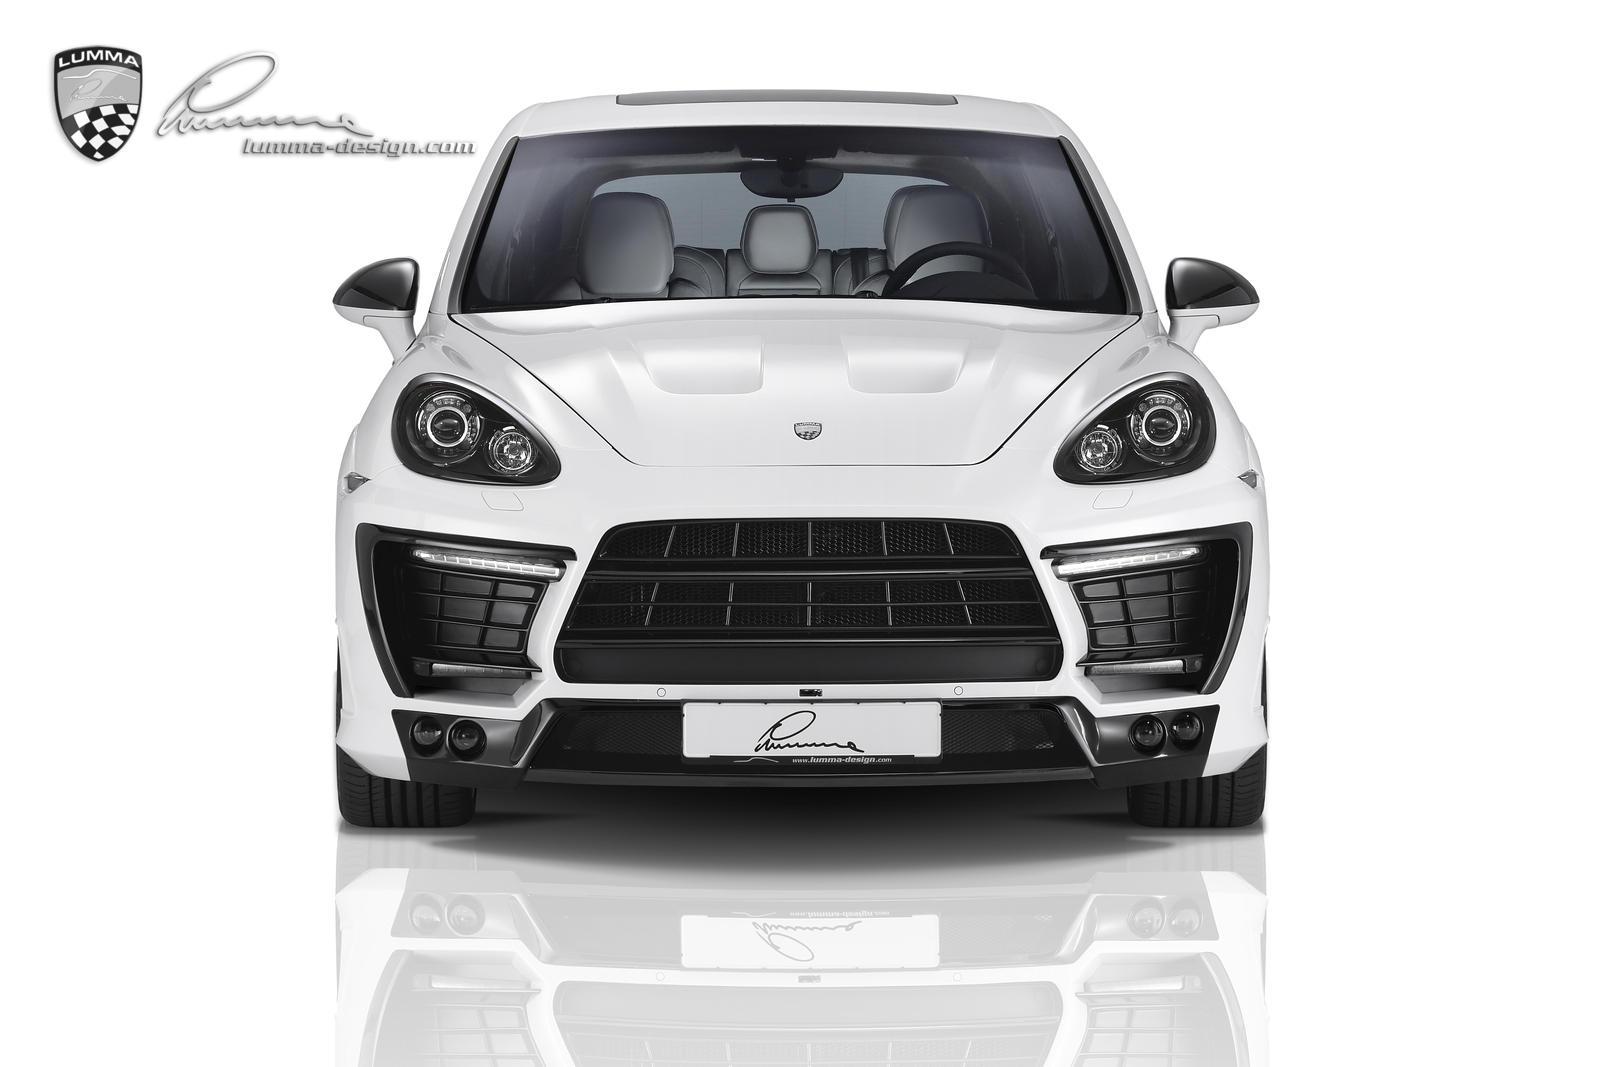 http://www.automobilesreview.com/img/lumma-design-porsche-cayenne-s-clr-558-gt/lumma-design-porsche-cayenne-s-clr-558-gt-01.jpg